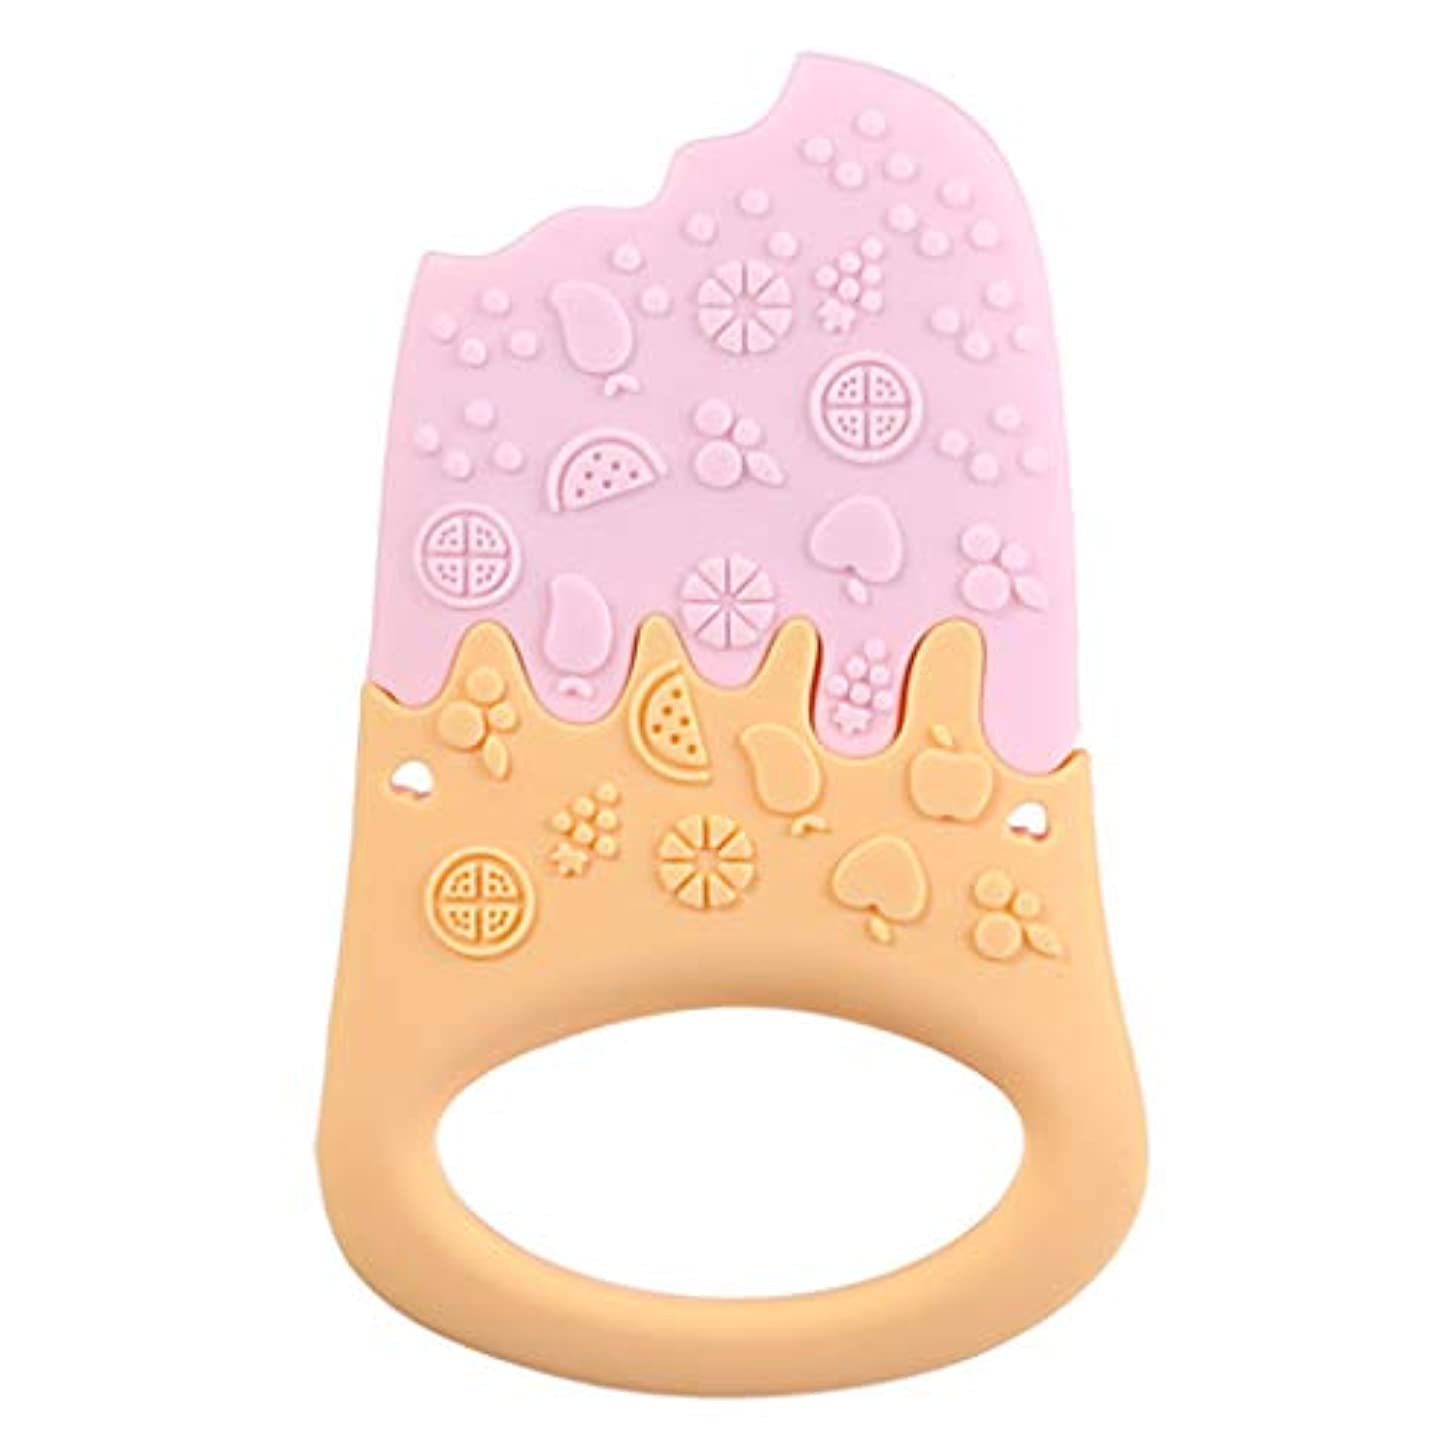 おなじみの修道院プラットフォームLanddumシリコーンティーザーアイスクリームティーザー赤ちゃん看護玩具かむ玩具歯が生えるガラガラおもちゃ - 青